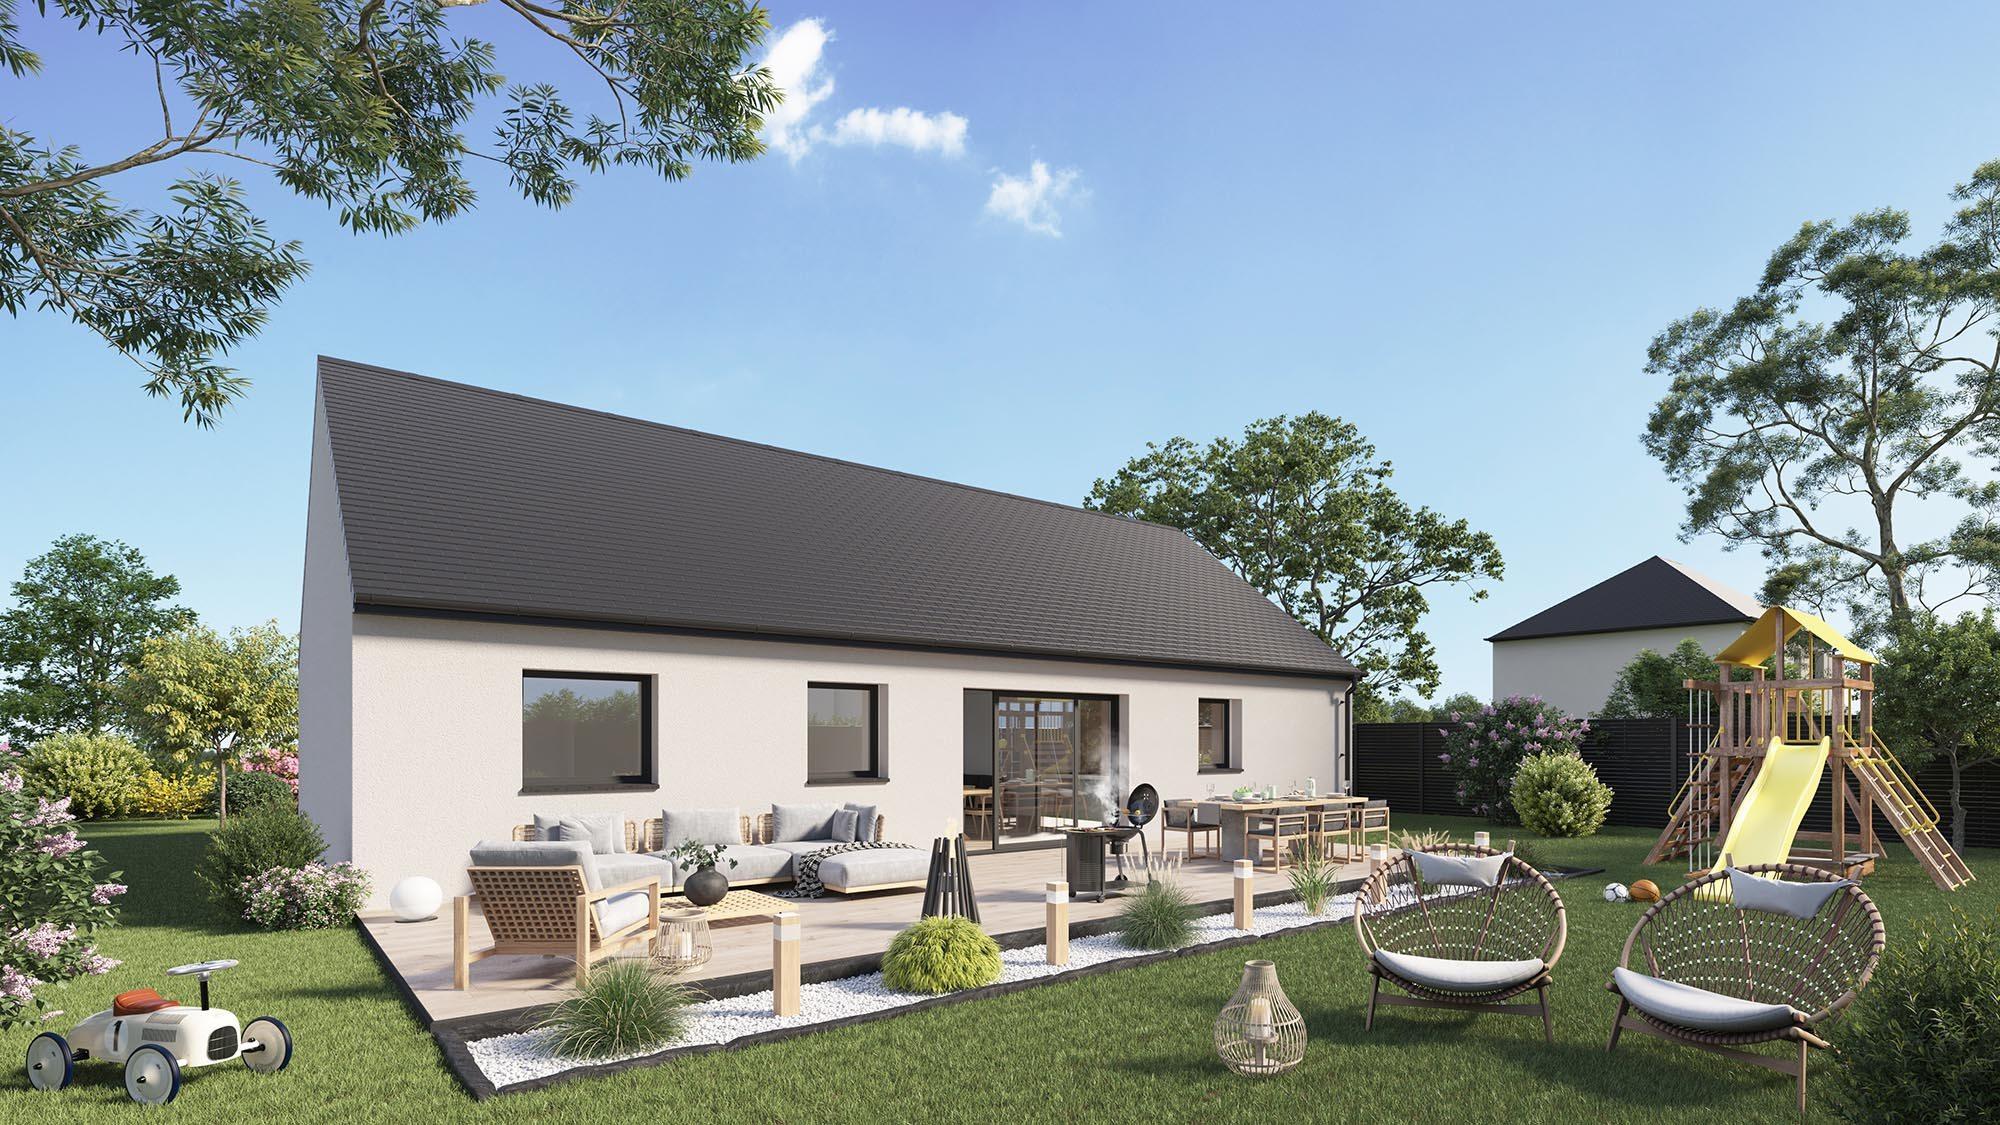 Maisons + Terrains du constructeur MAISON CASTOR REIMS • 96 m² • VILLE EN TARDENOIS